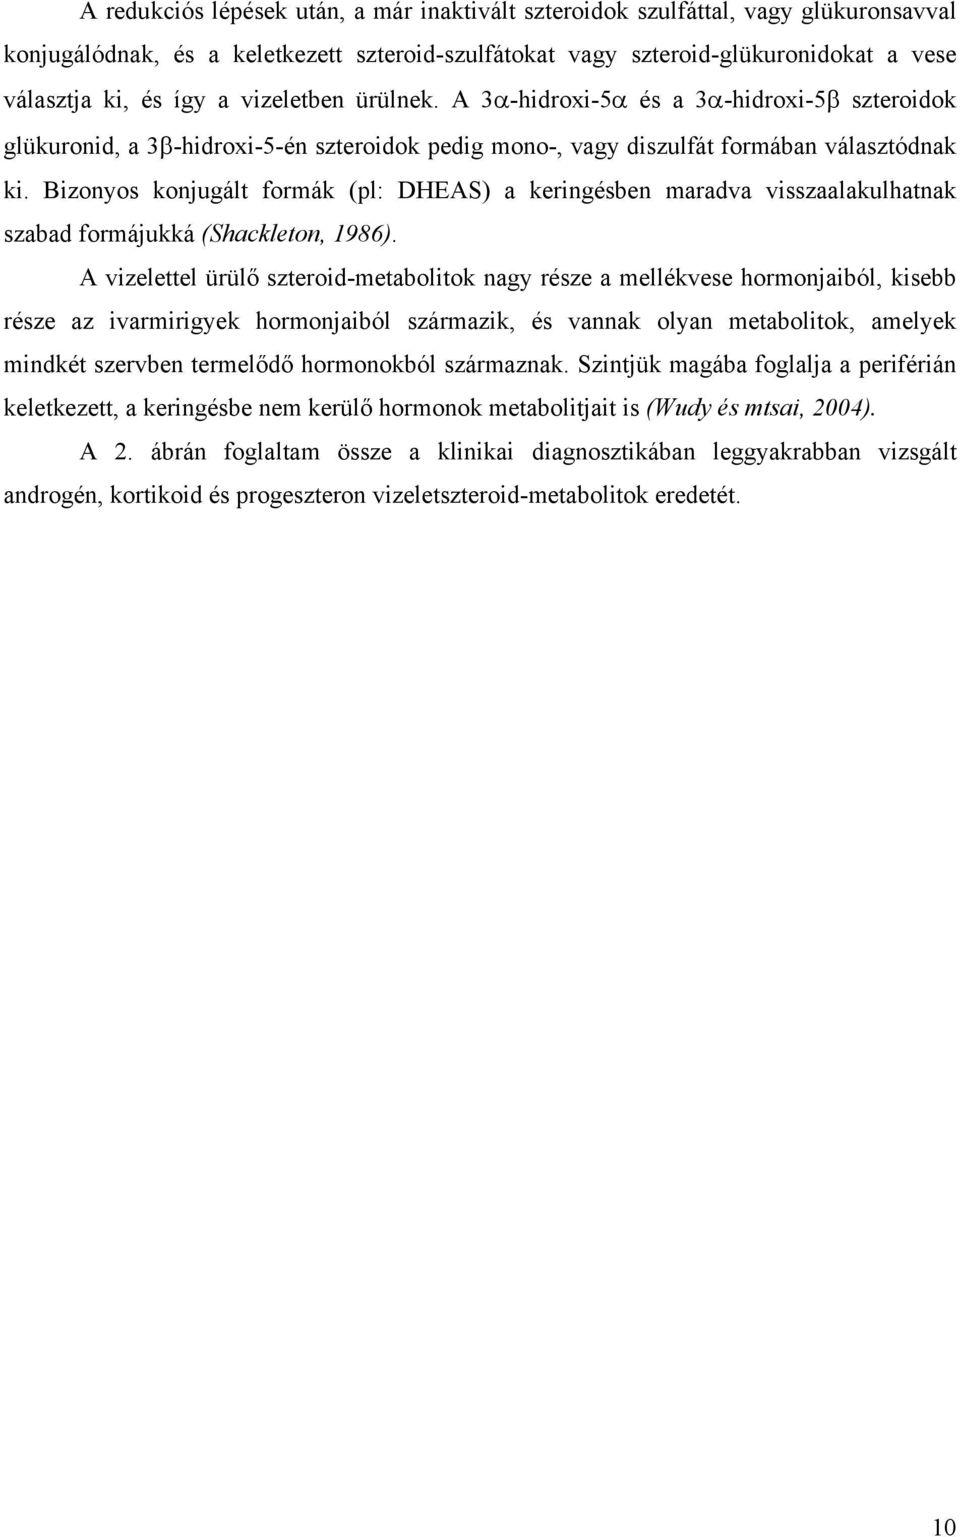 humán papillomavírus patofiziológiája)